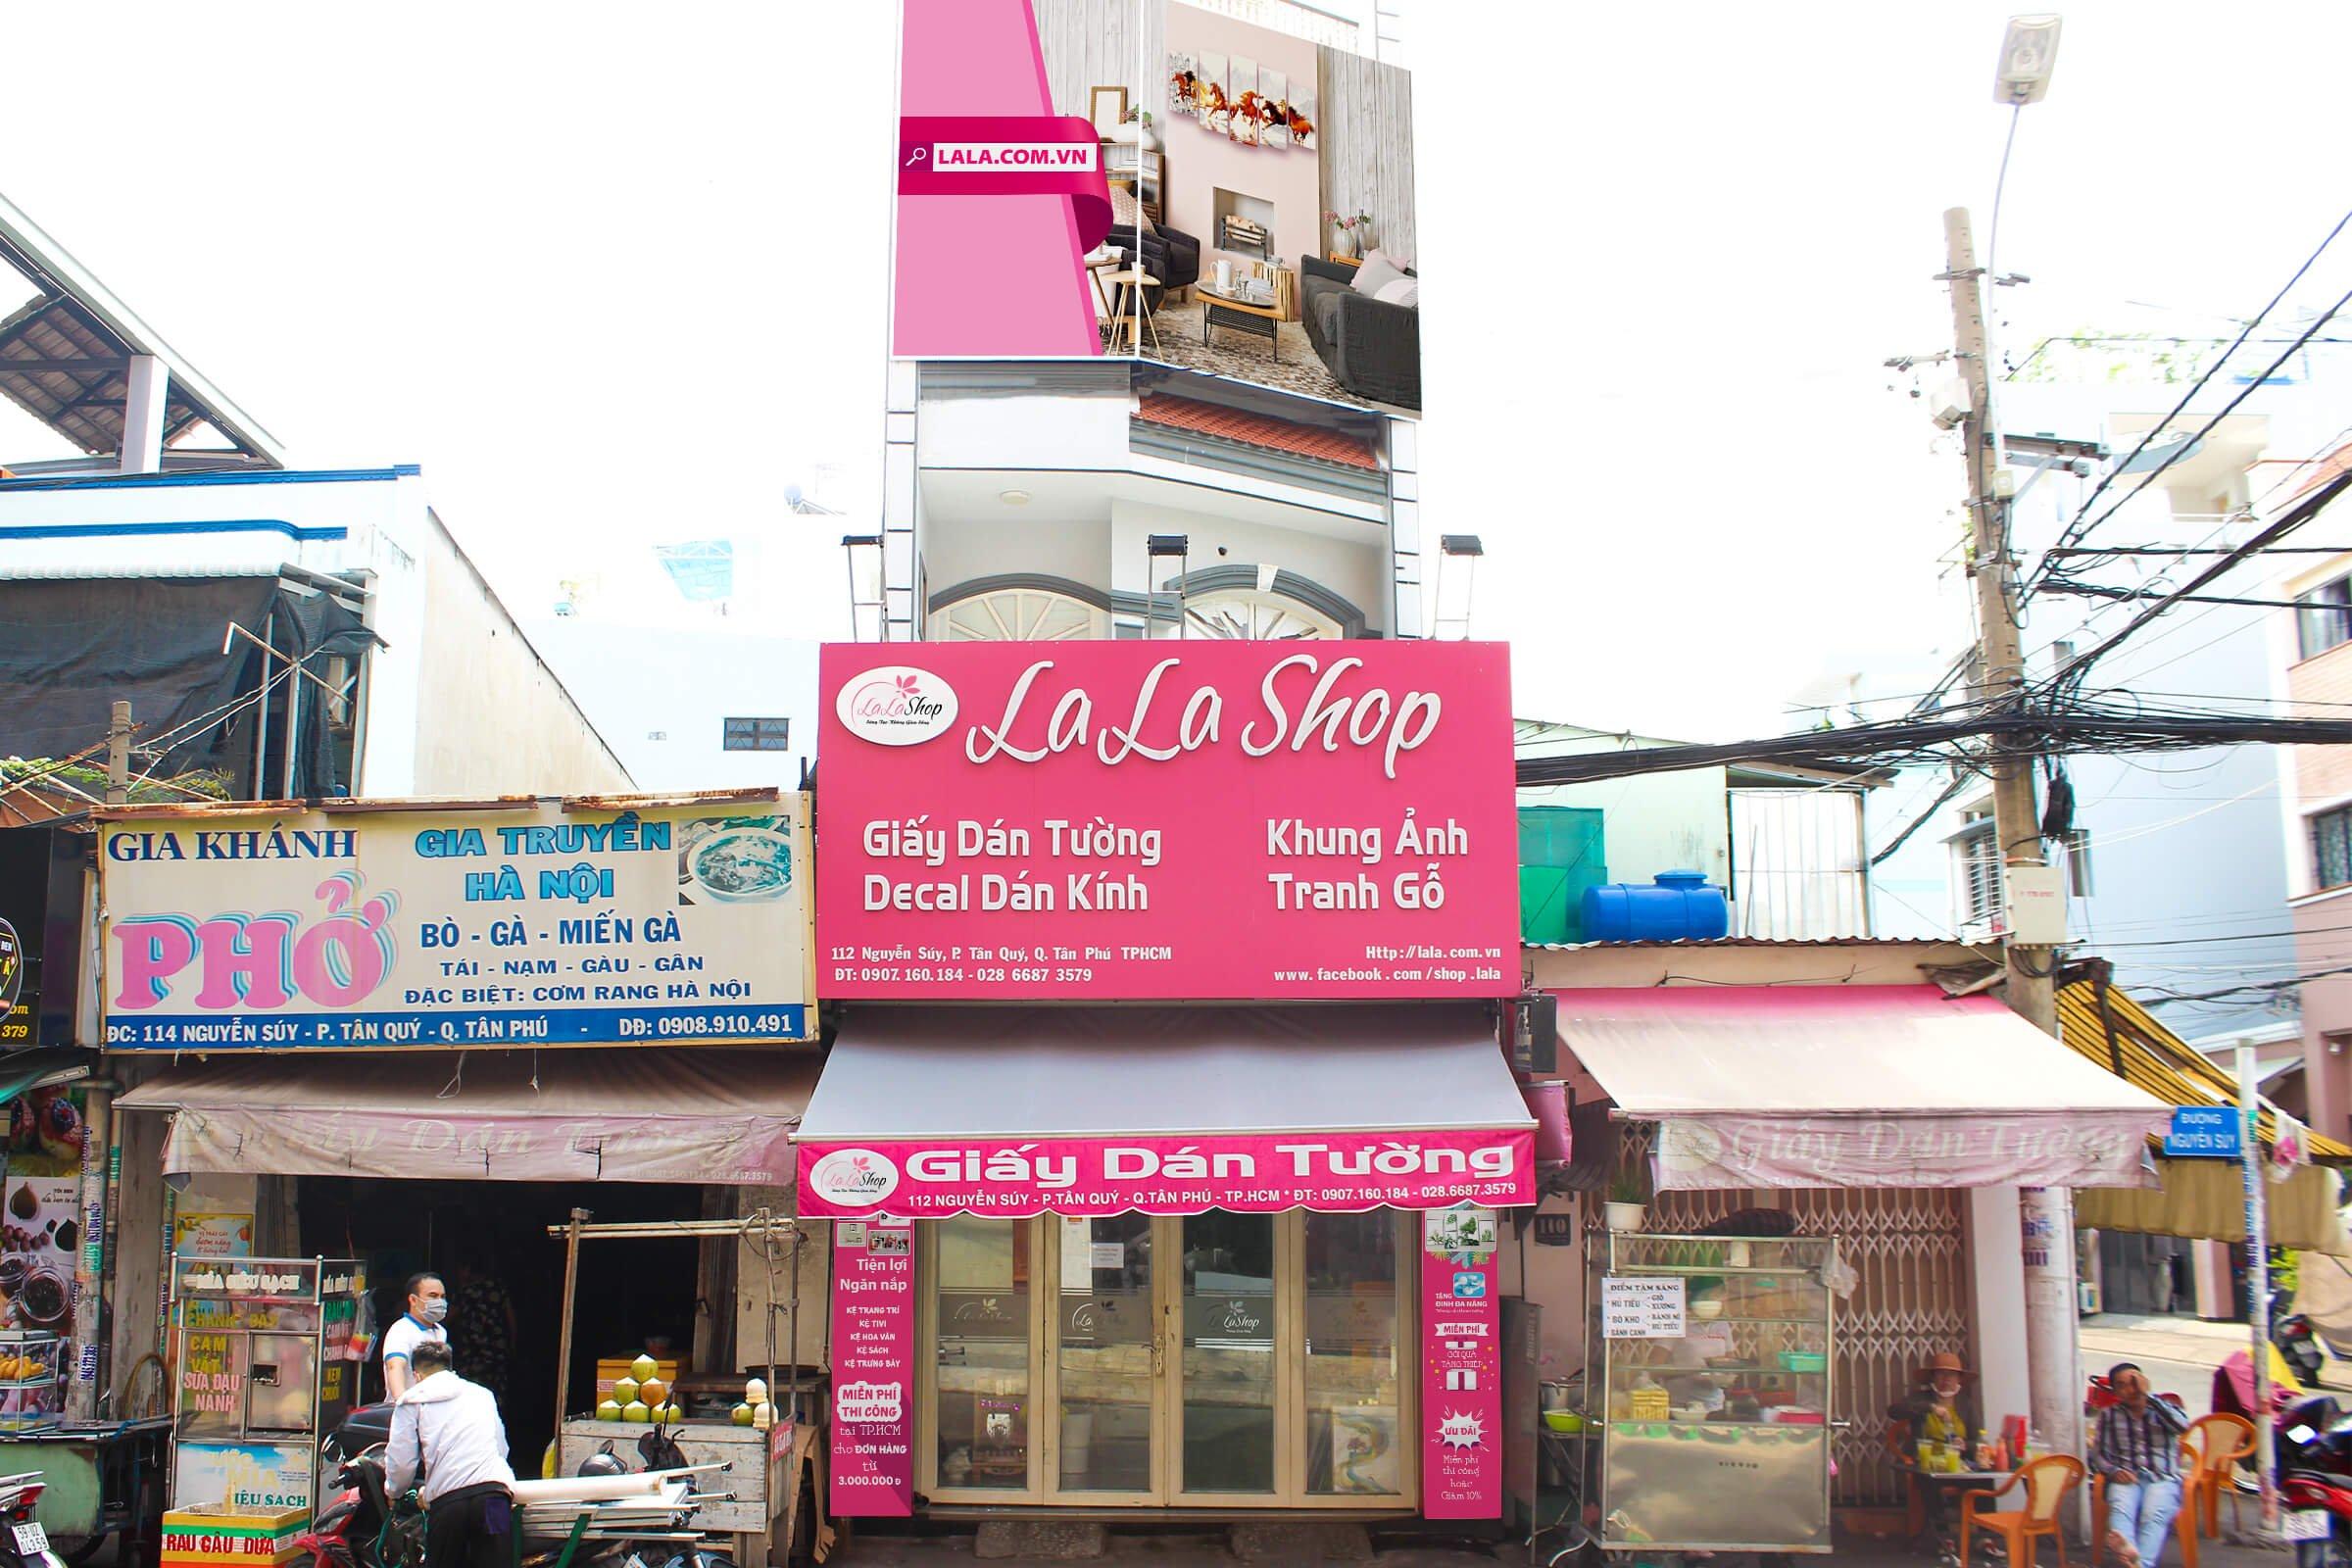 Lala Shop sẽ là lựa chọn hoàn hảo cho bạn để sở hữu những bức tranh phong cảnh đẹp và ấn tượng nhất